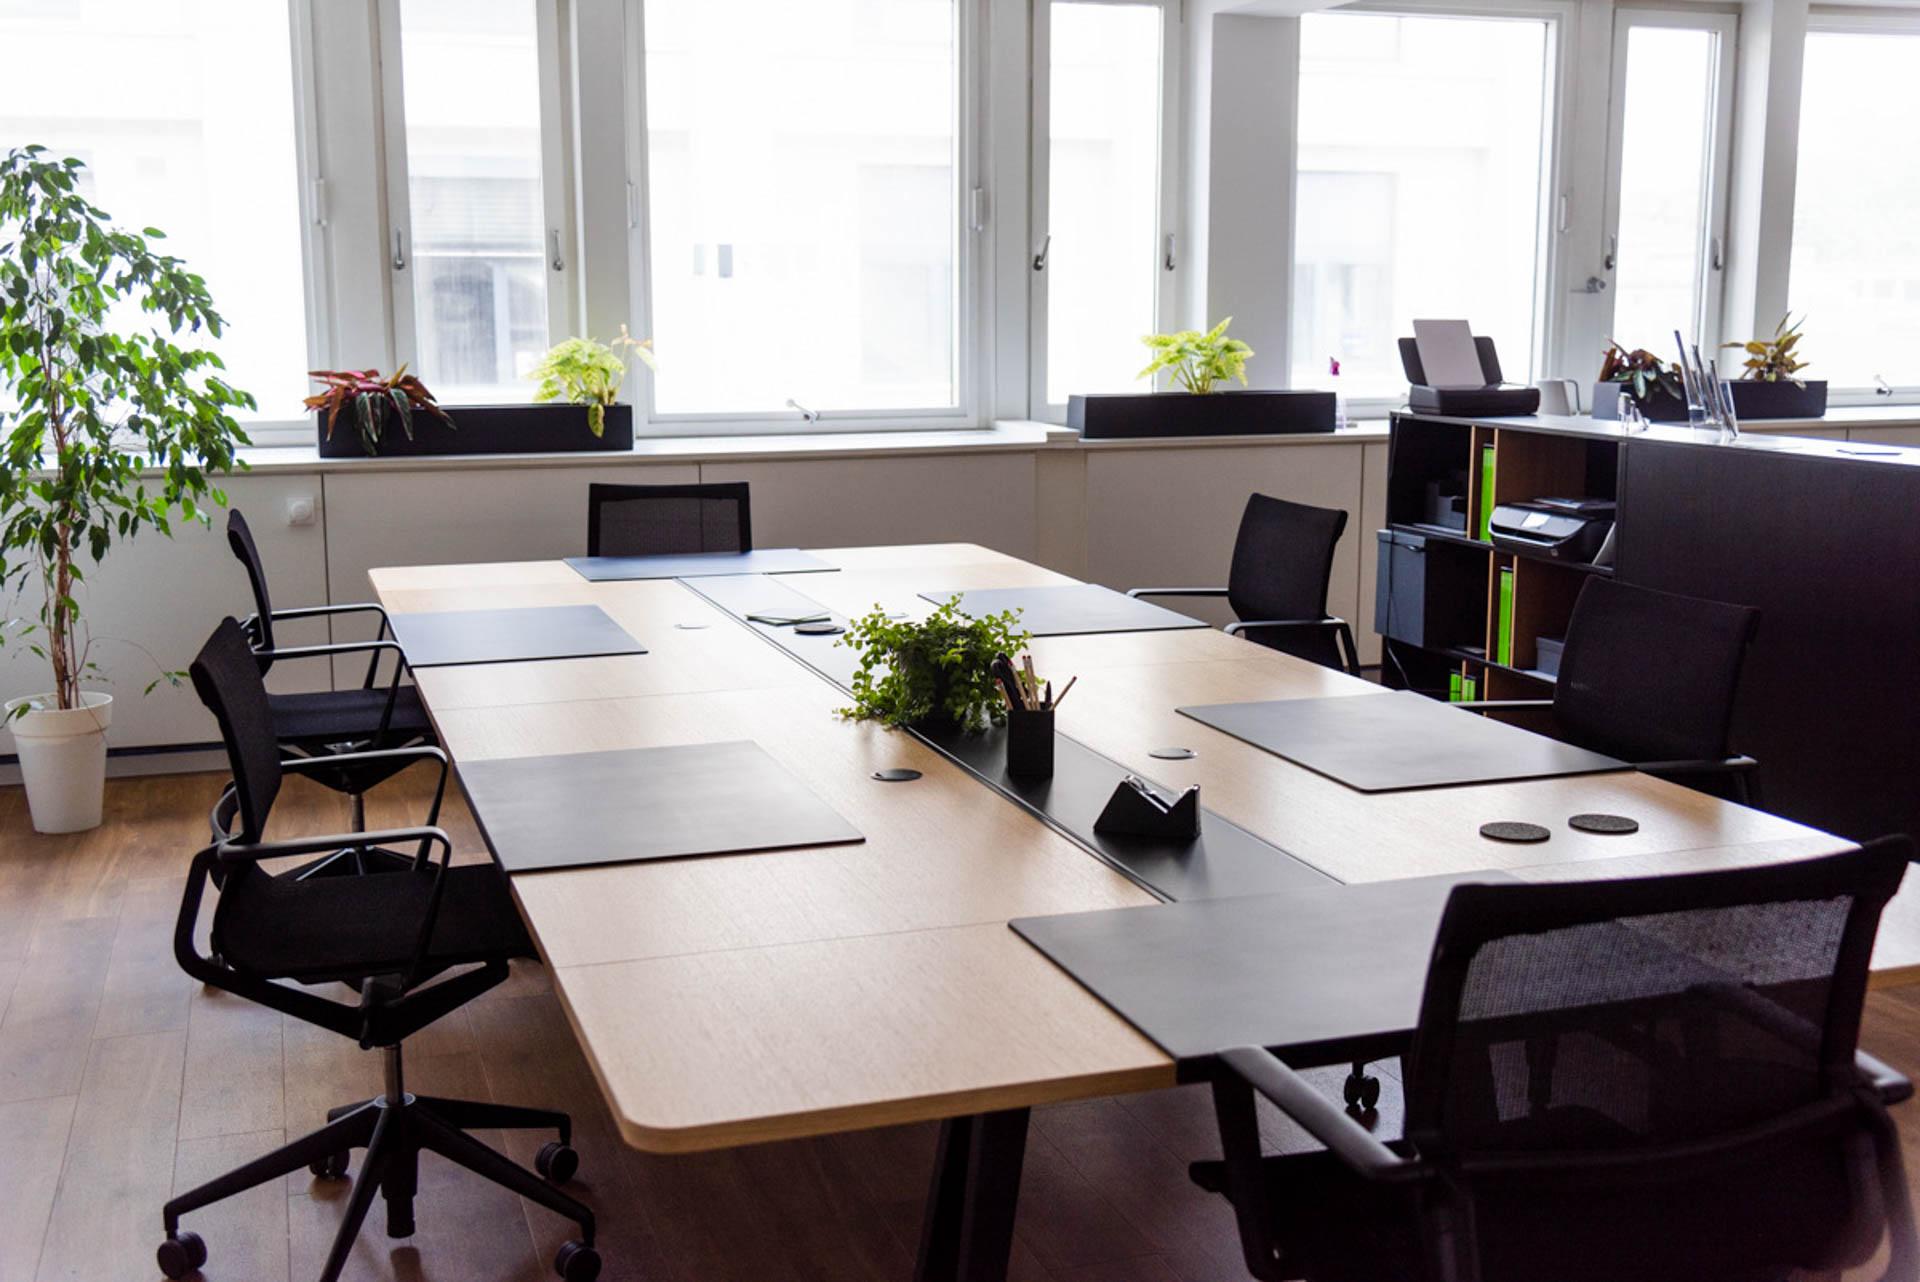 Ein Arbeitsplatz für 6 Personen in einem Großraumbüro. Unterlagen, Büromaterial und Zimmerpflanzen schmücken den Schreibtisch. Rechts im Bild ein Regal als Raumteiler, in dem ein Drucker und ein Fax stehen.